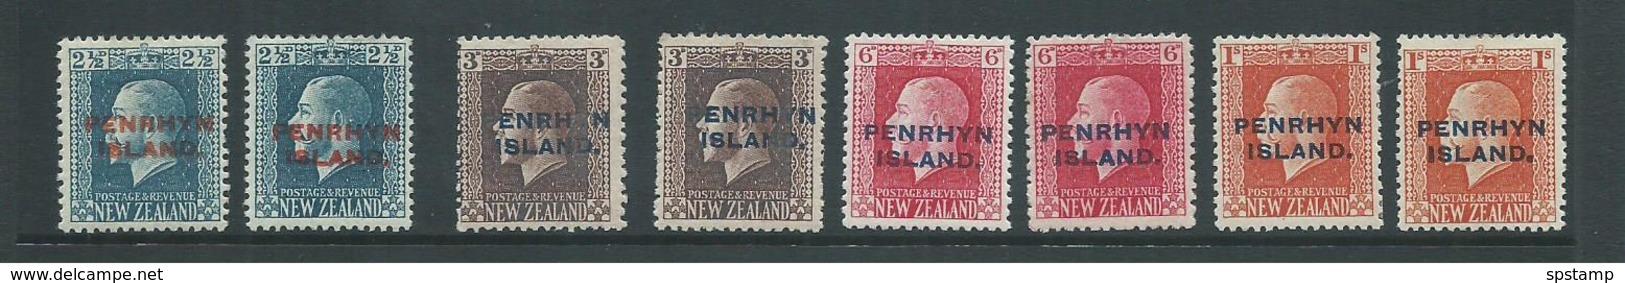 Penrhyn Island 1917 KGV Overprints Set Of 8 Including All Perfs Fine Mint - Penrhyn